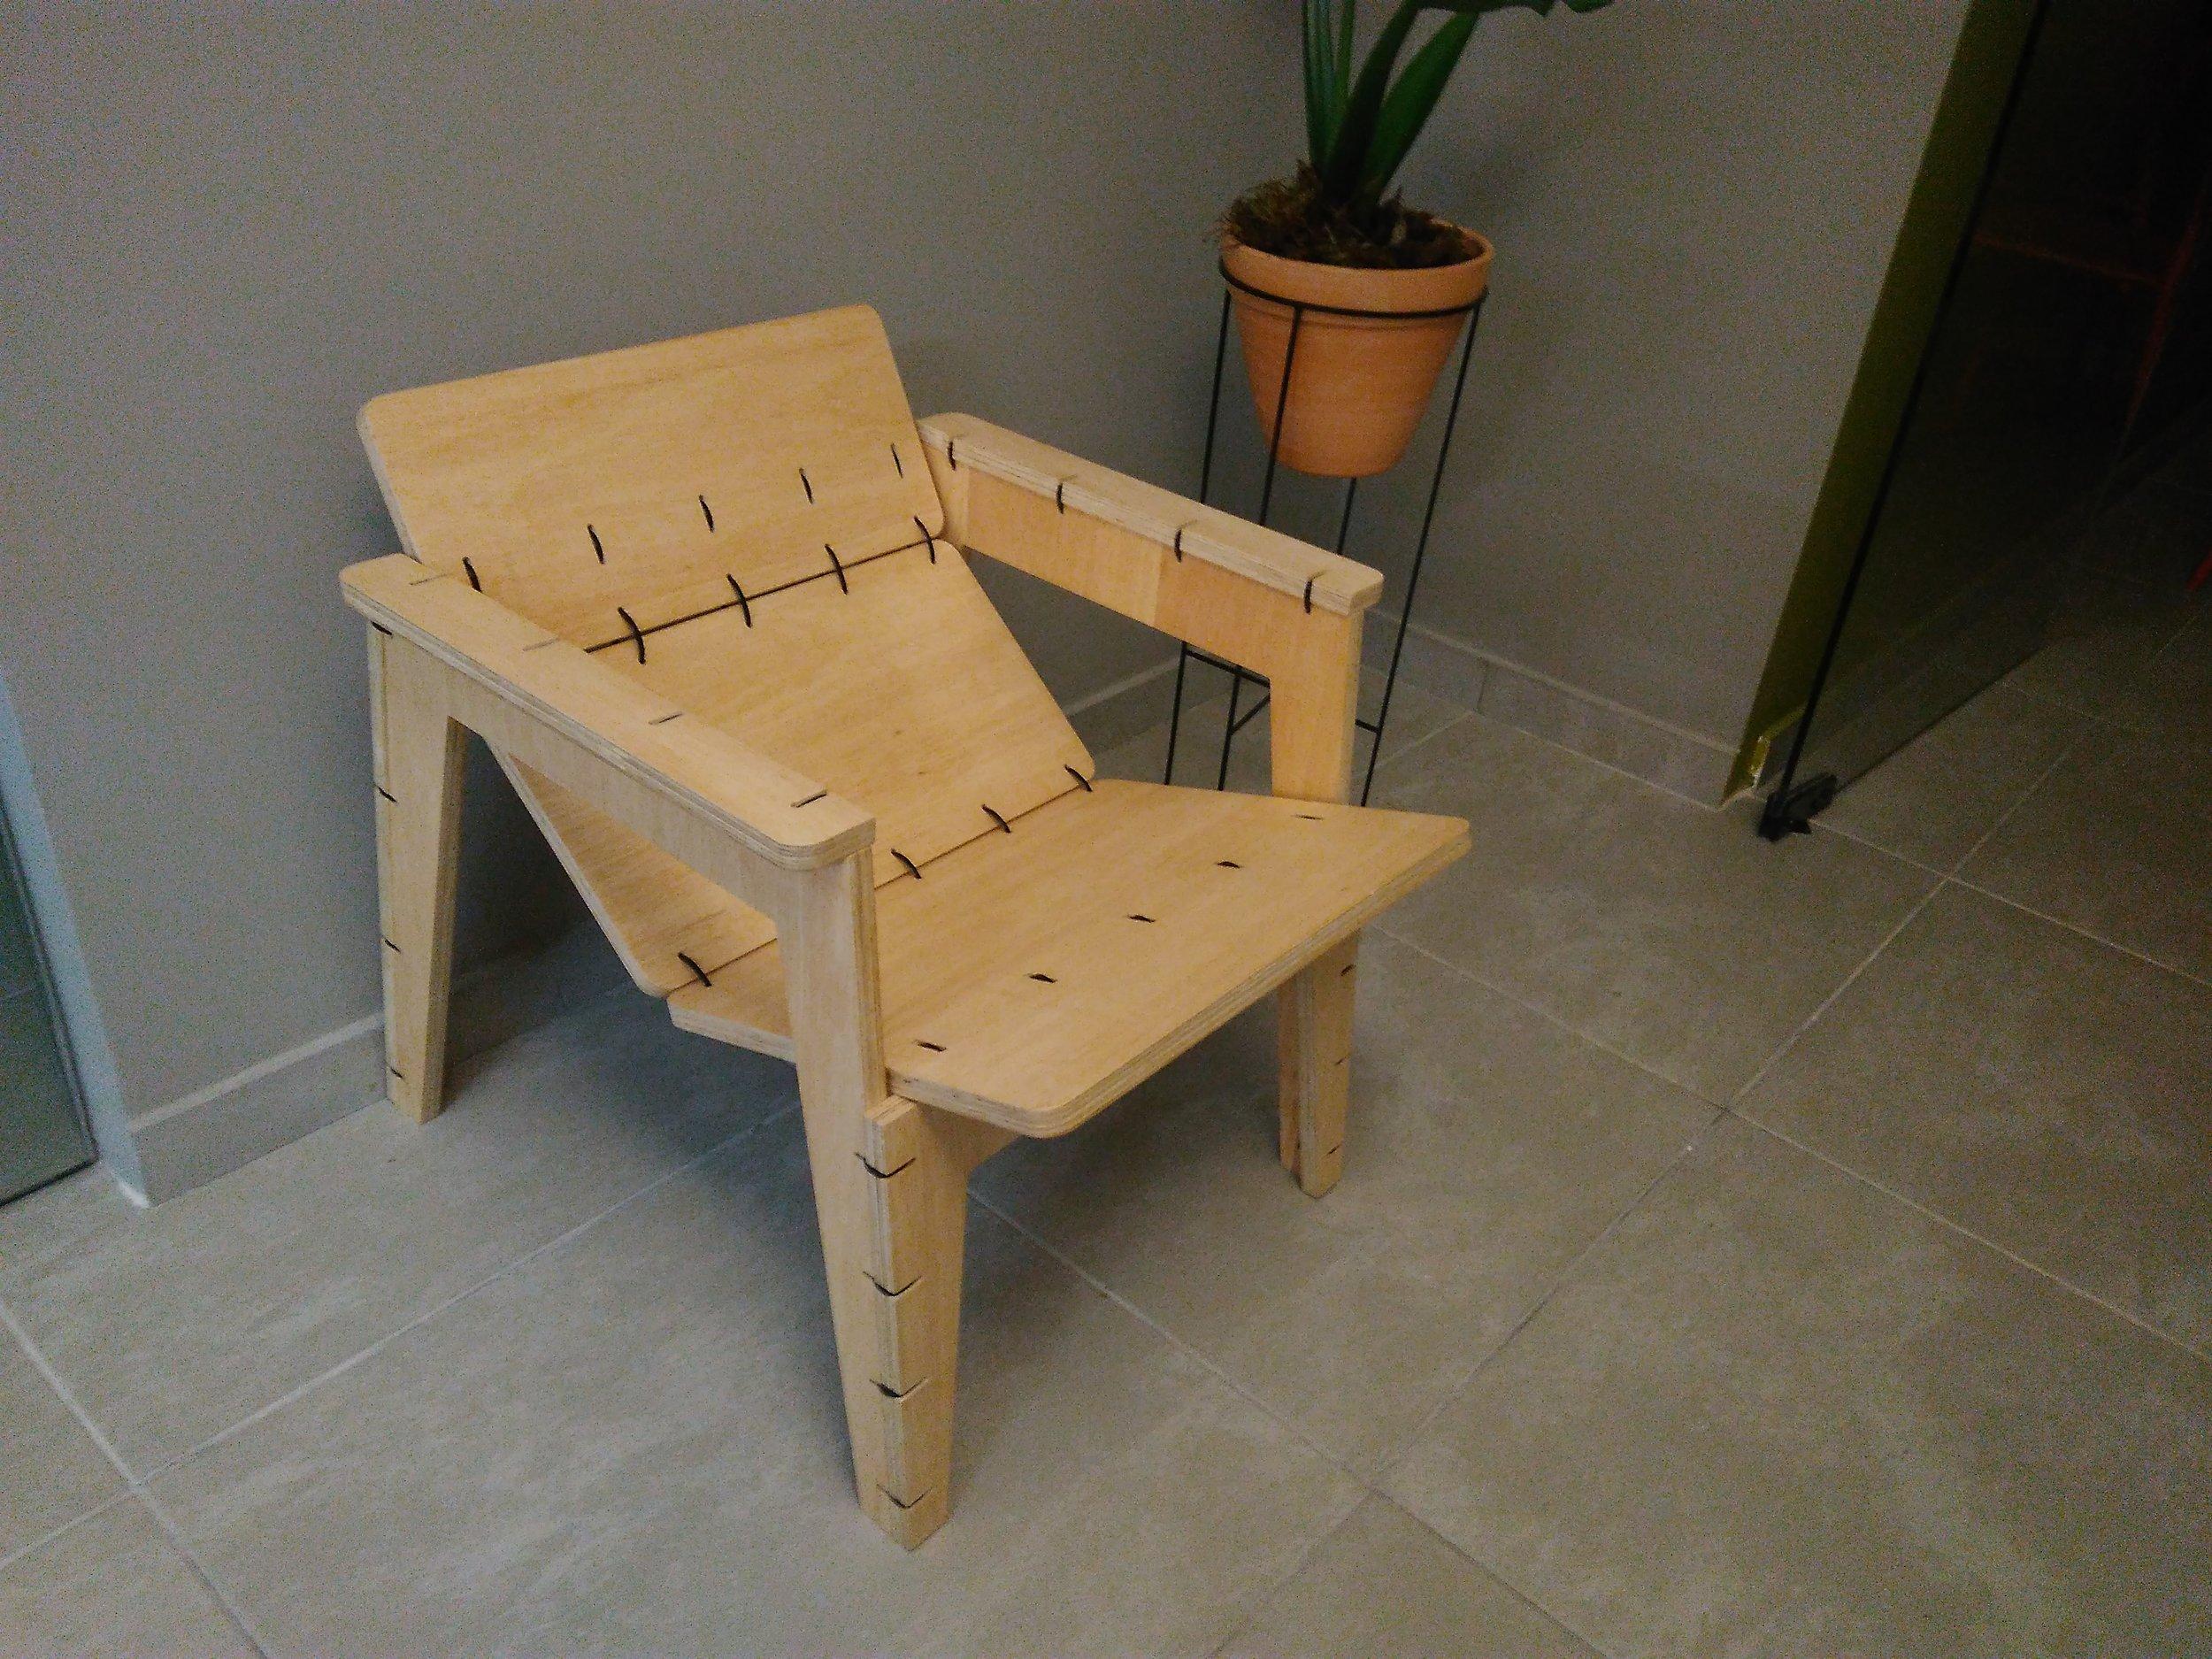 Zip Tie Chair - Projeto de Will Holman